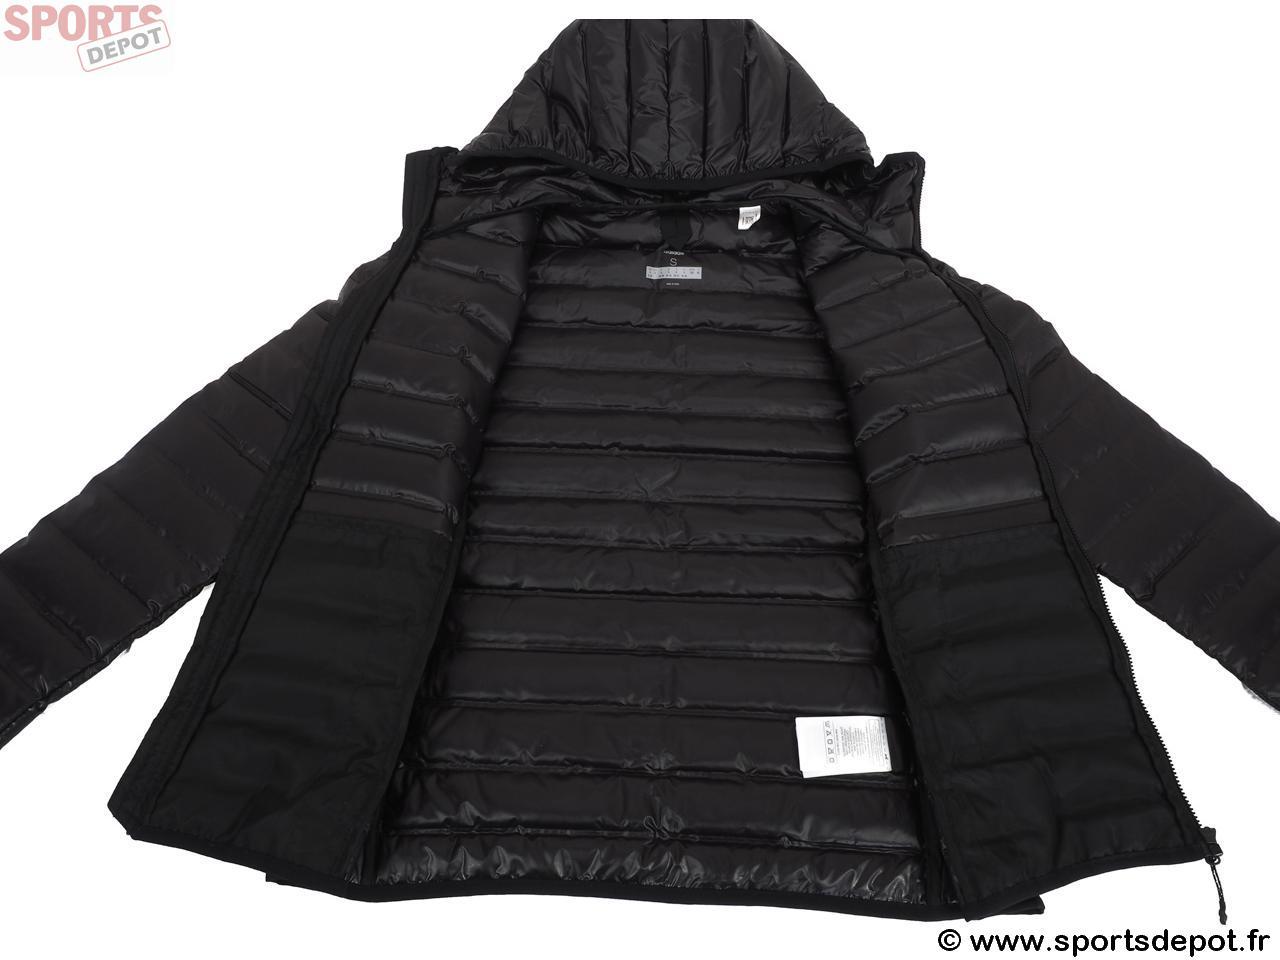 Black Doudoune Plumette L Varilite Adidas Doudounes Duvet Acheter 6wFxPpqW 266809ff299